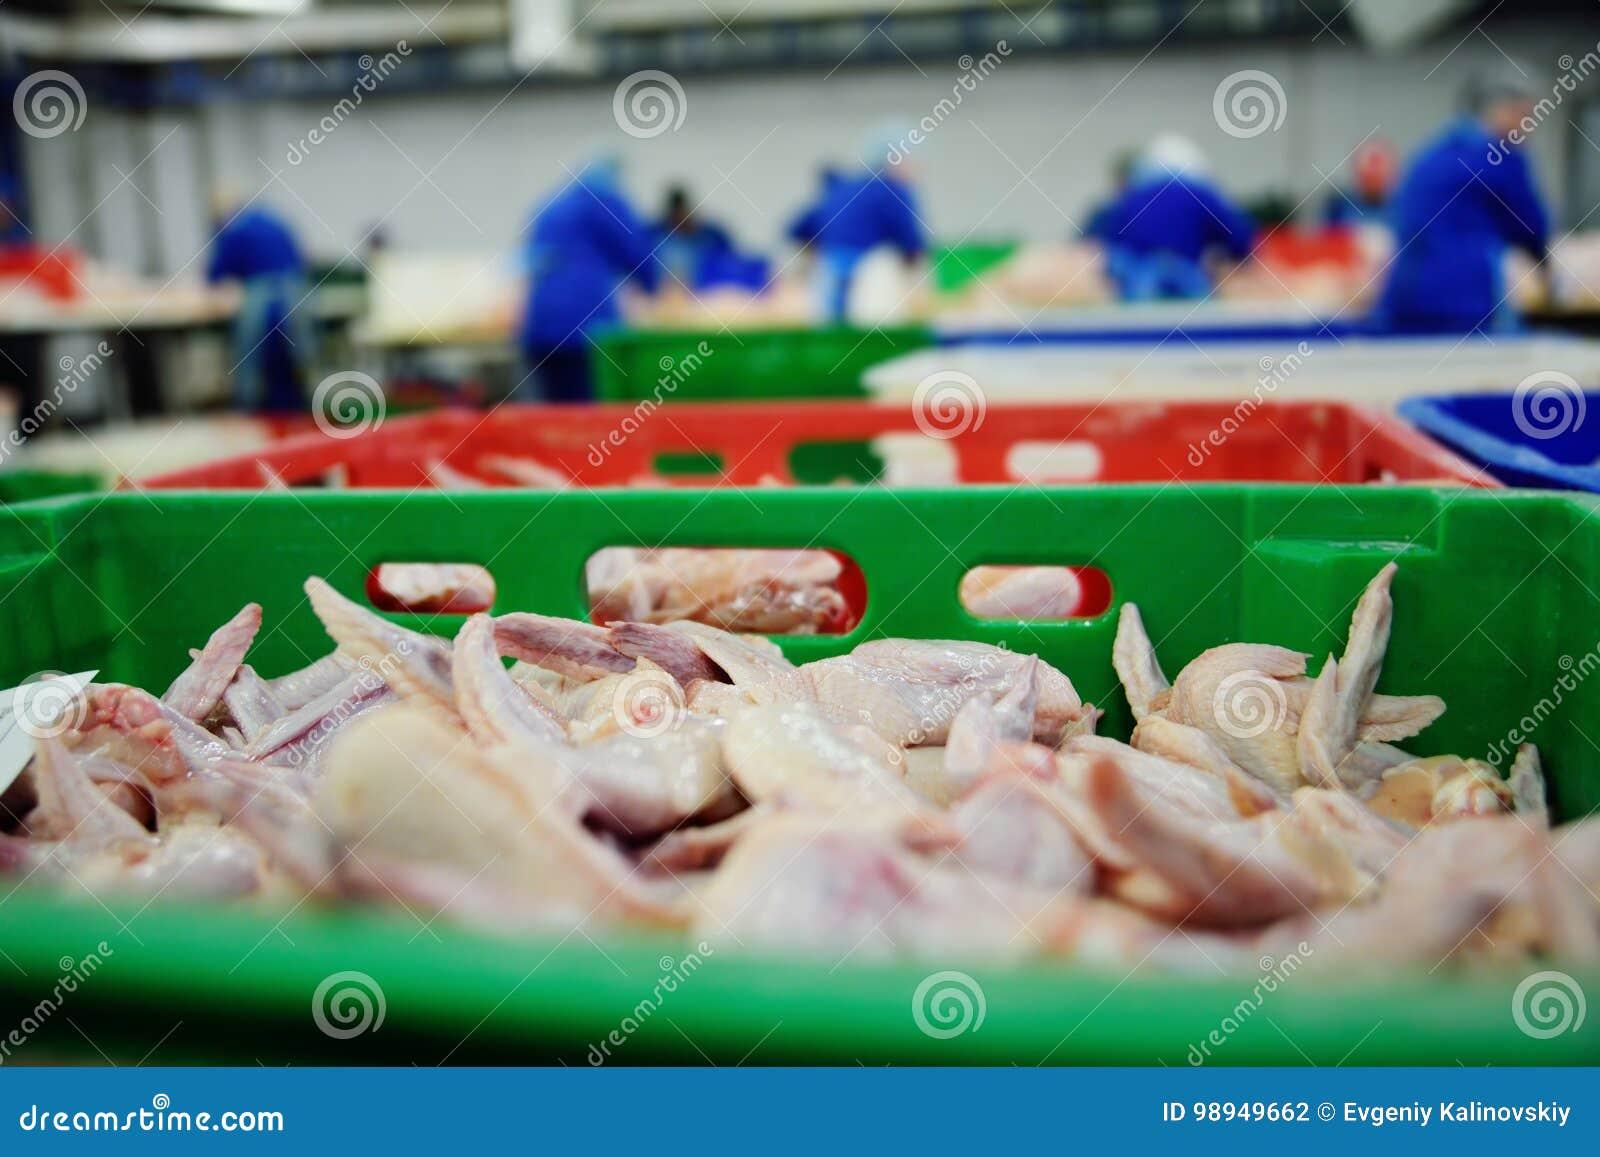 Обрабатывать птицы в пищевой промышленности